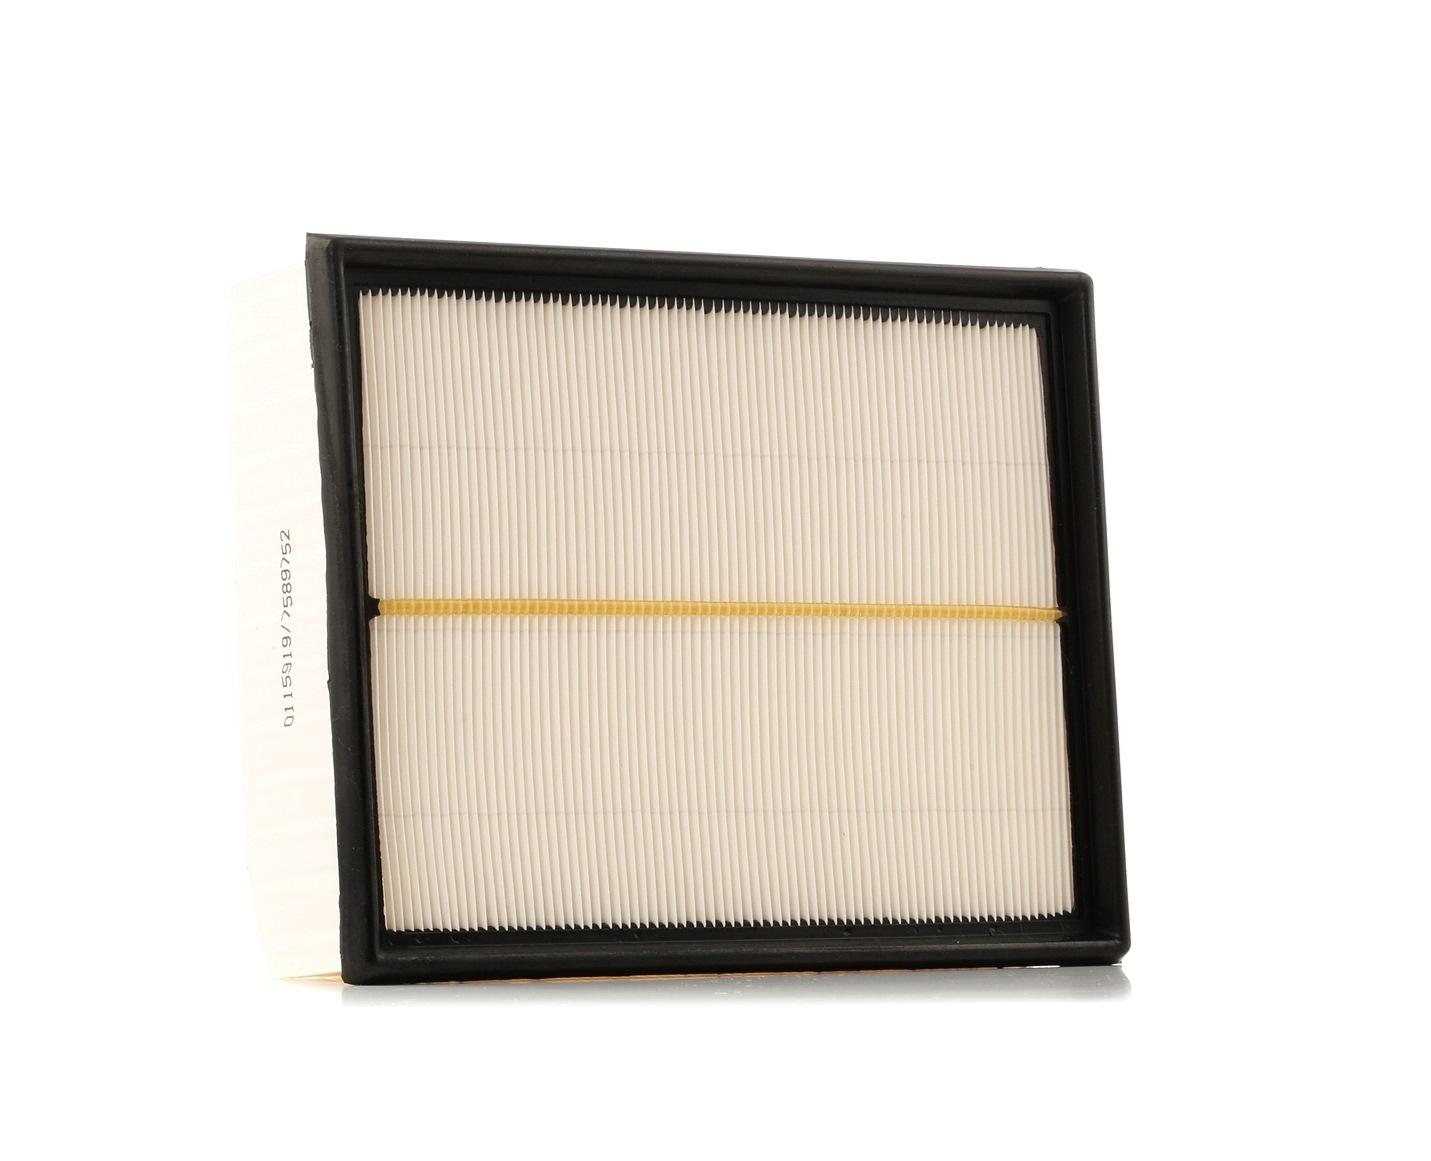 Zracni filter SKAF-0060006 STARK - samo novi deli